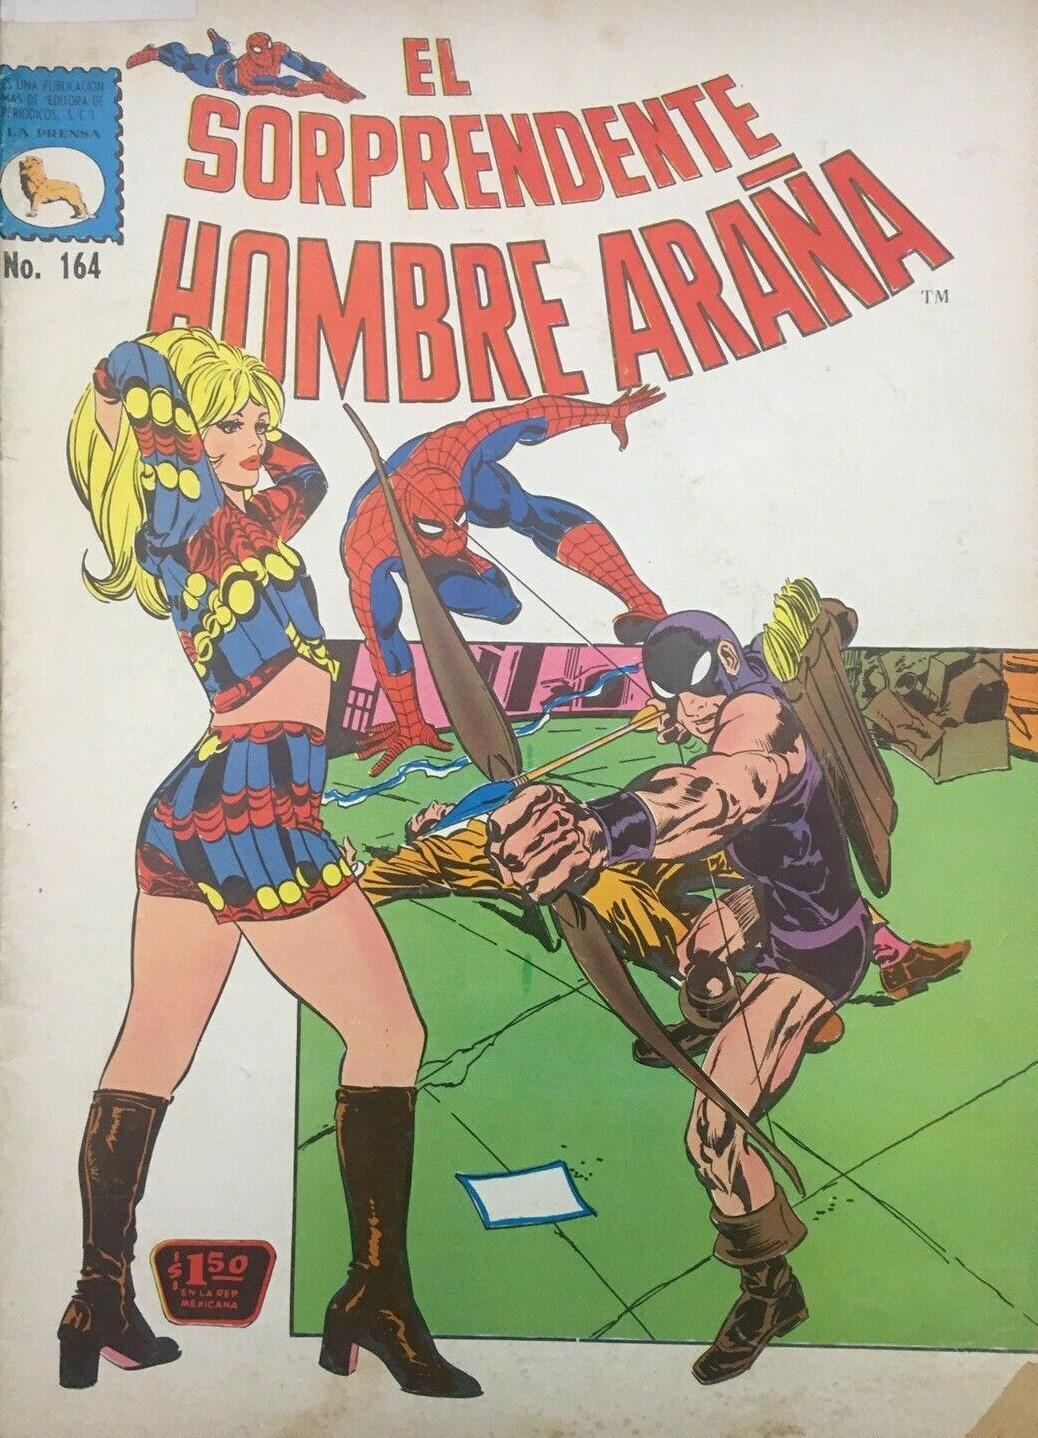 El Sorprendente Hombre Araña #164 (1973)